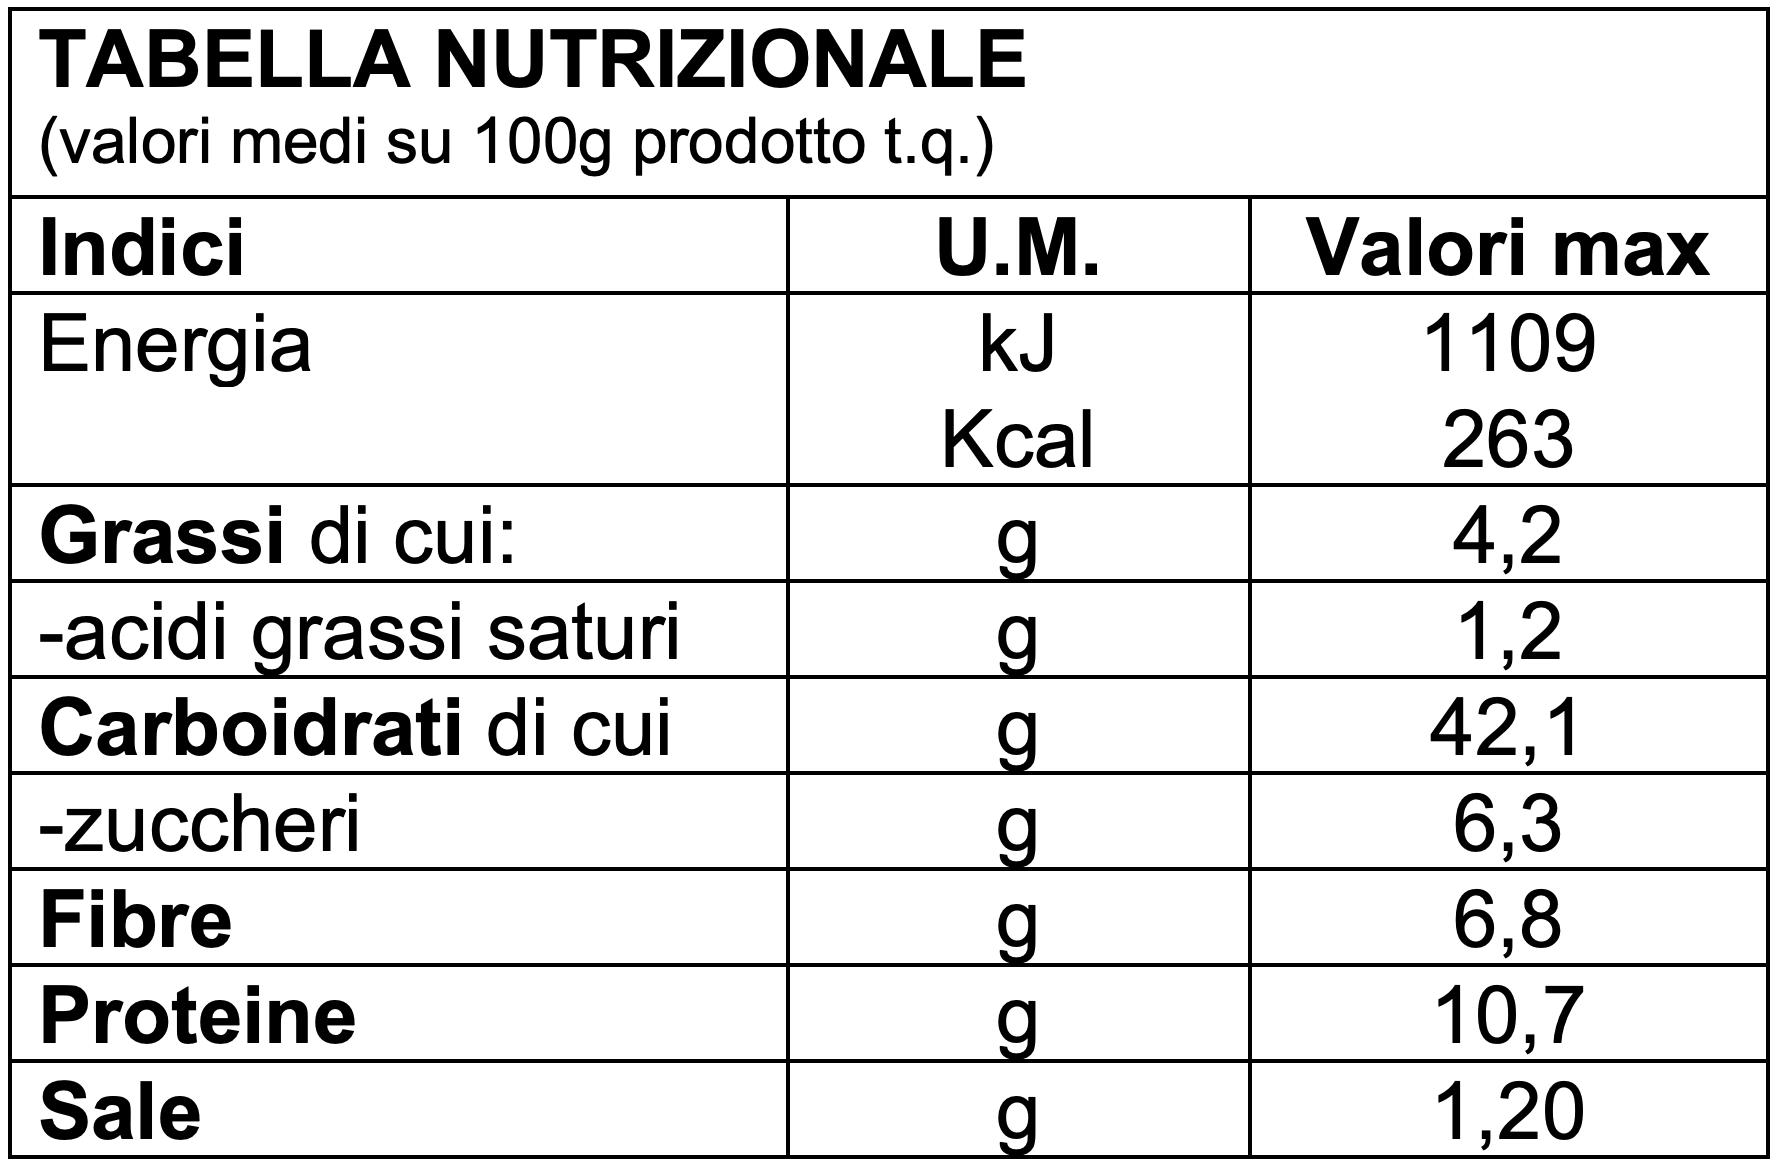 https://www.panem.it/wp-content/uploads/2019/12/tabella-nutrizionale-integrale-tradizionale-panem.png